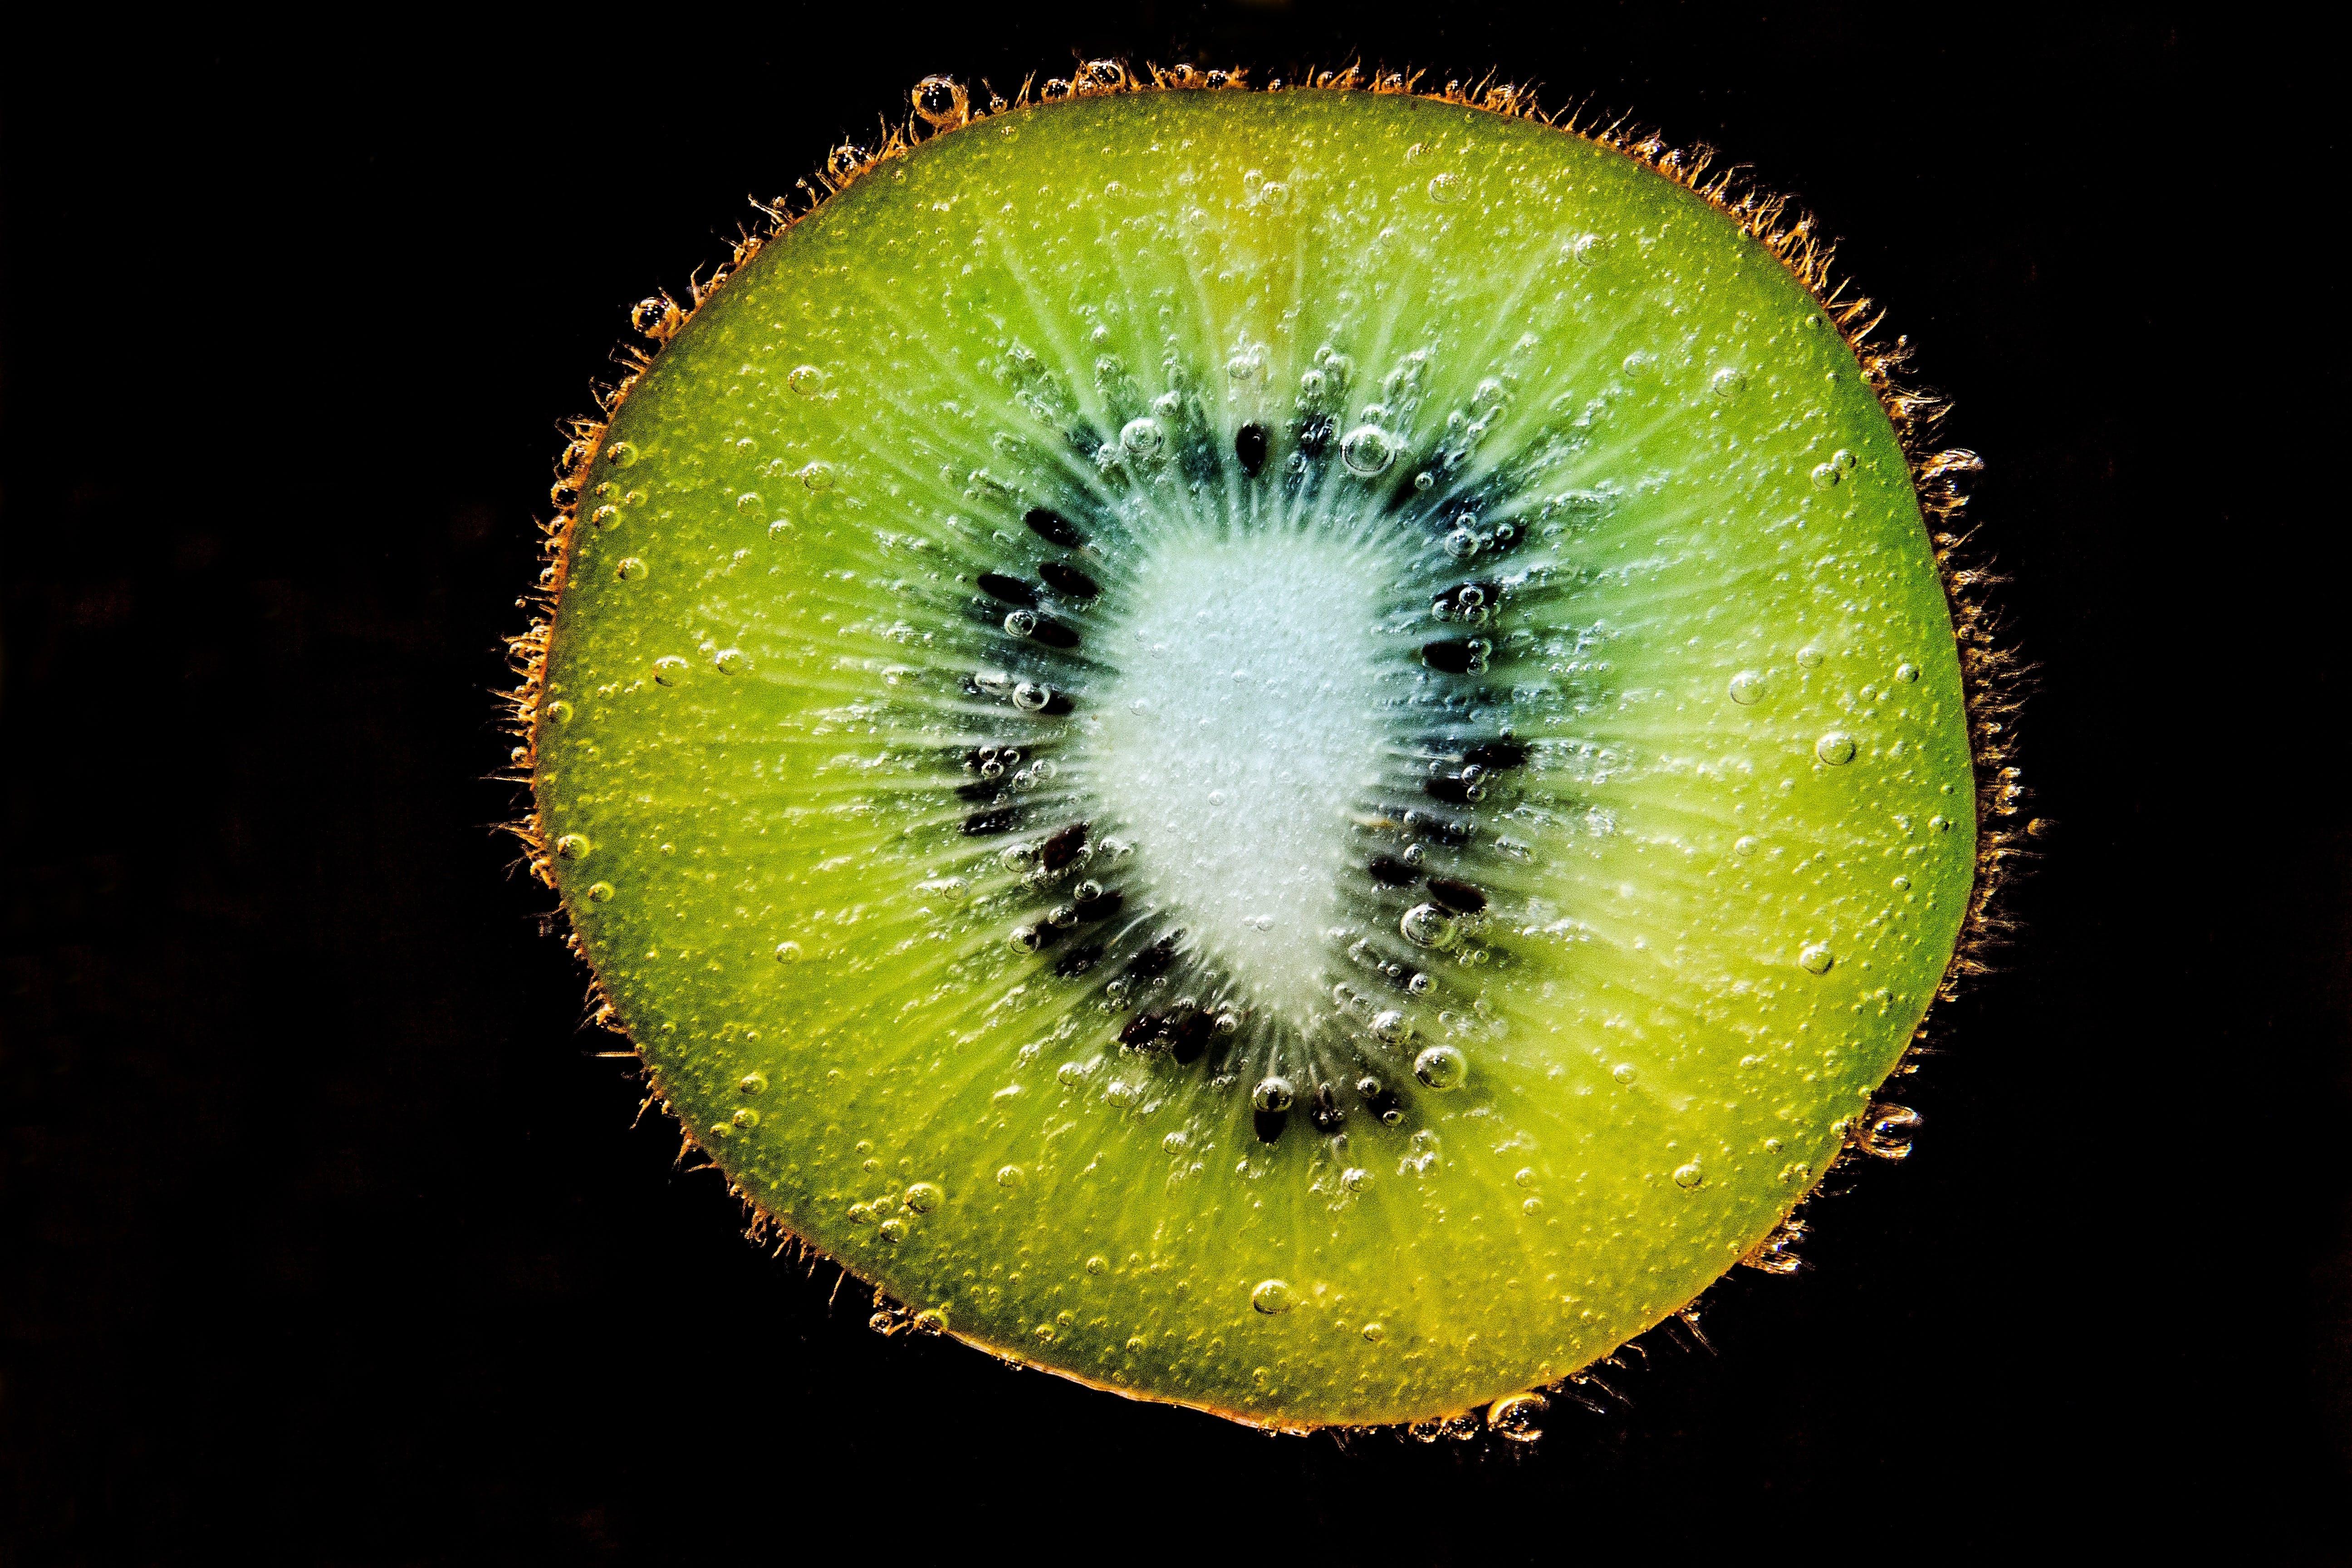 Gratis lagerfoto af behåret, Citrus, close-up, delikat